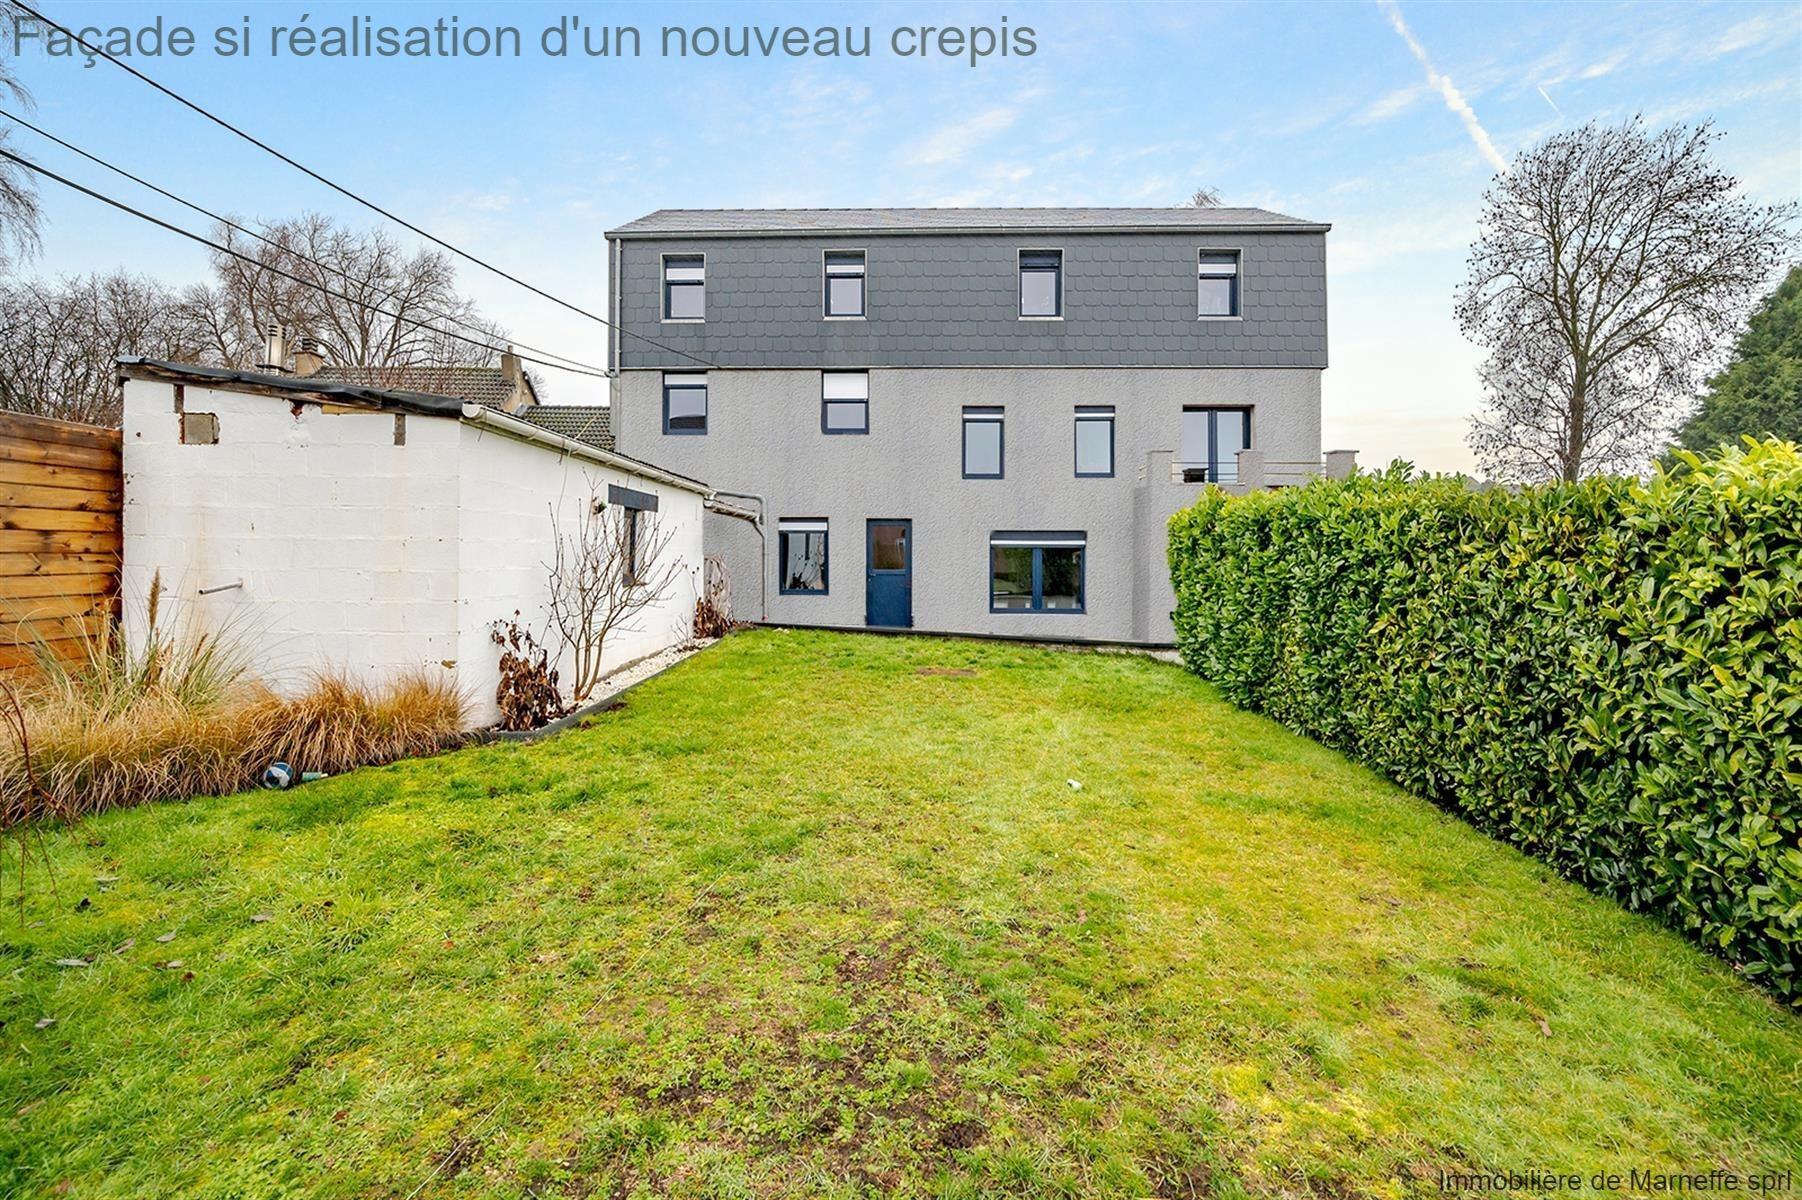 Maison - Villers-le-Bouillet - #4340473-19